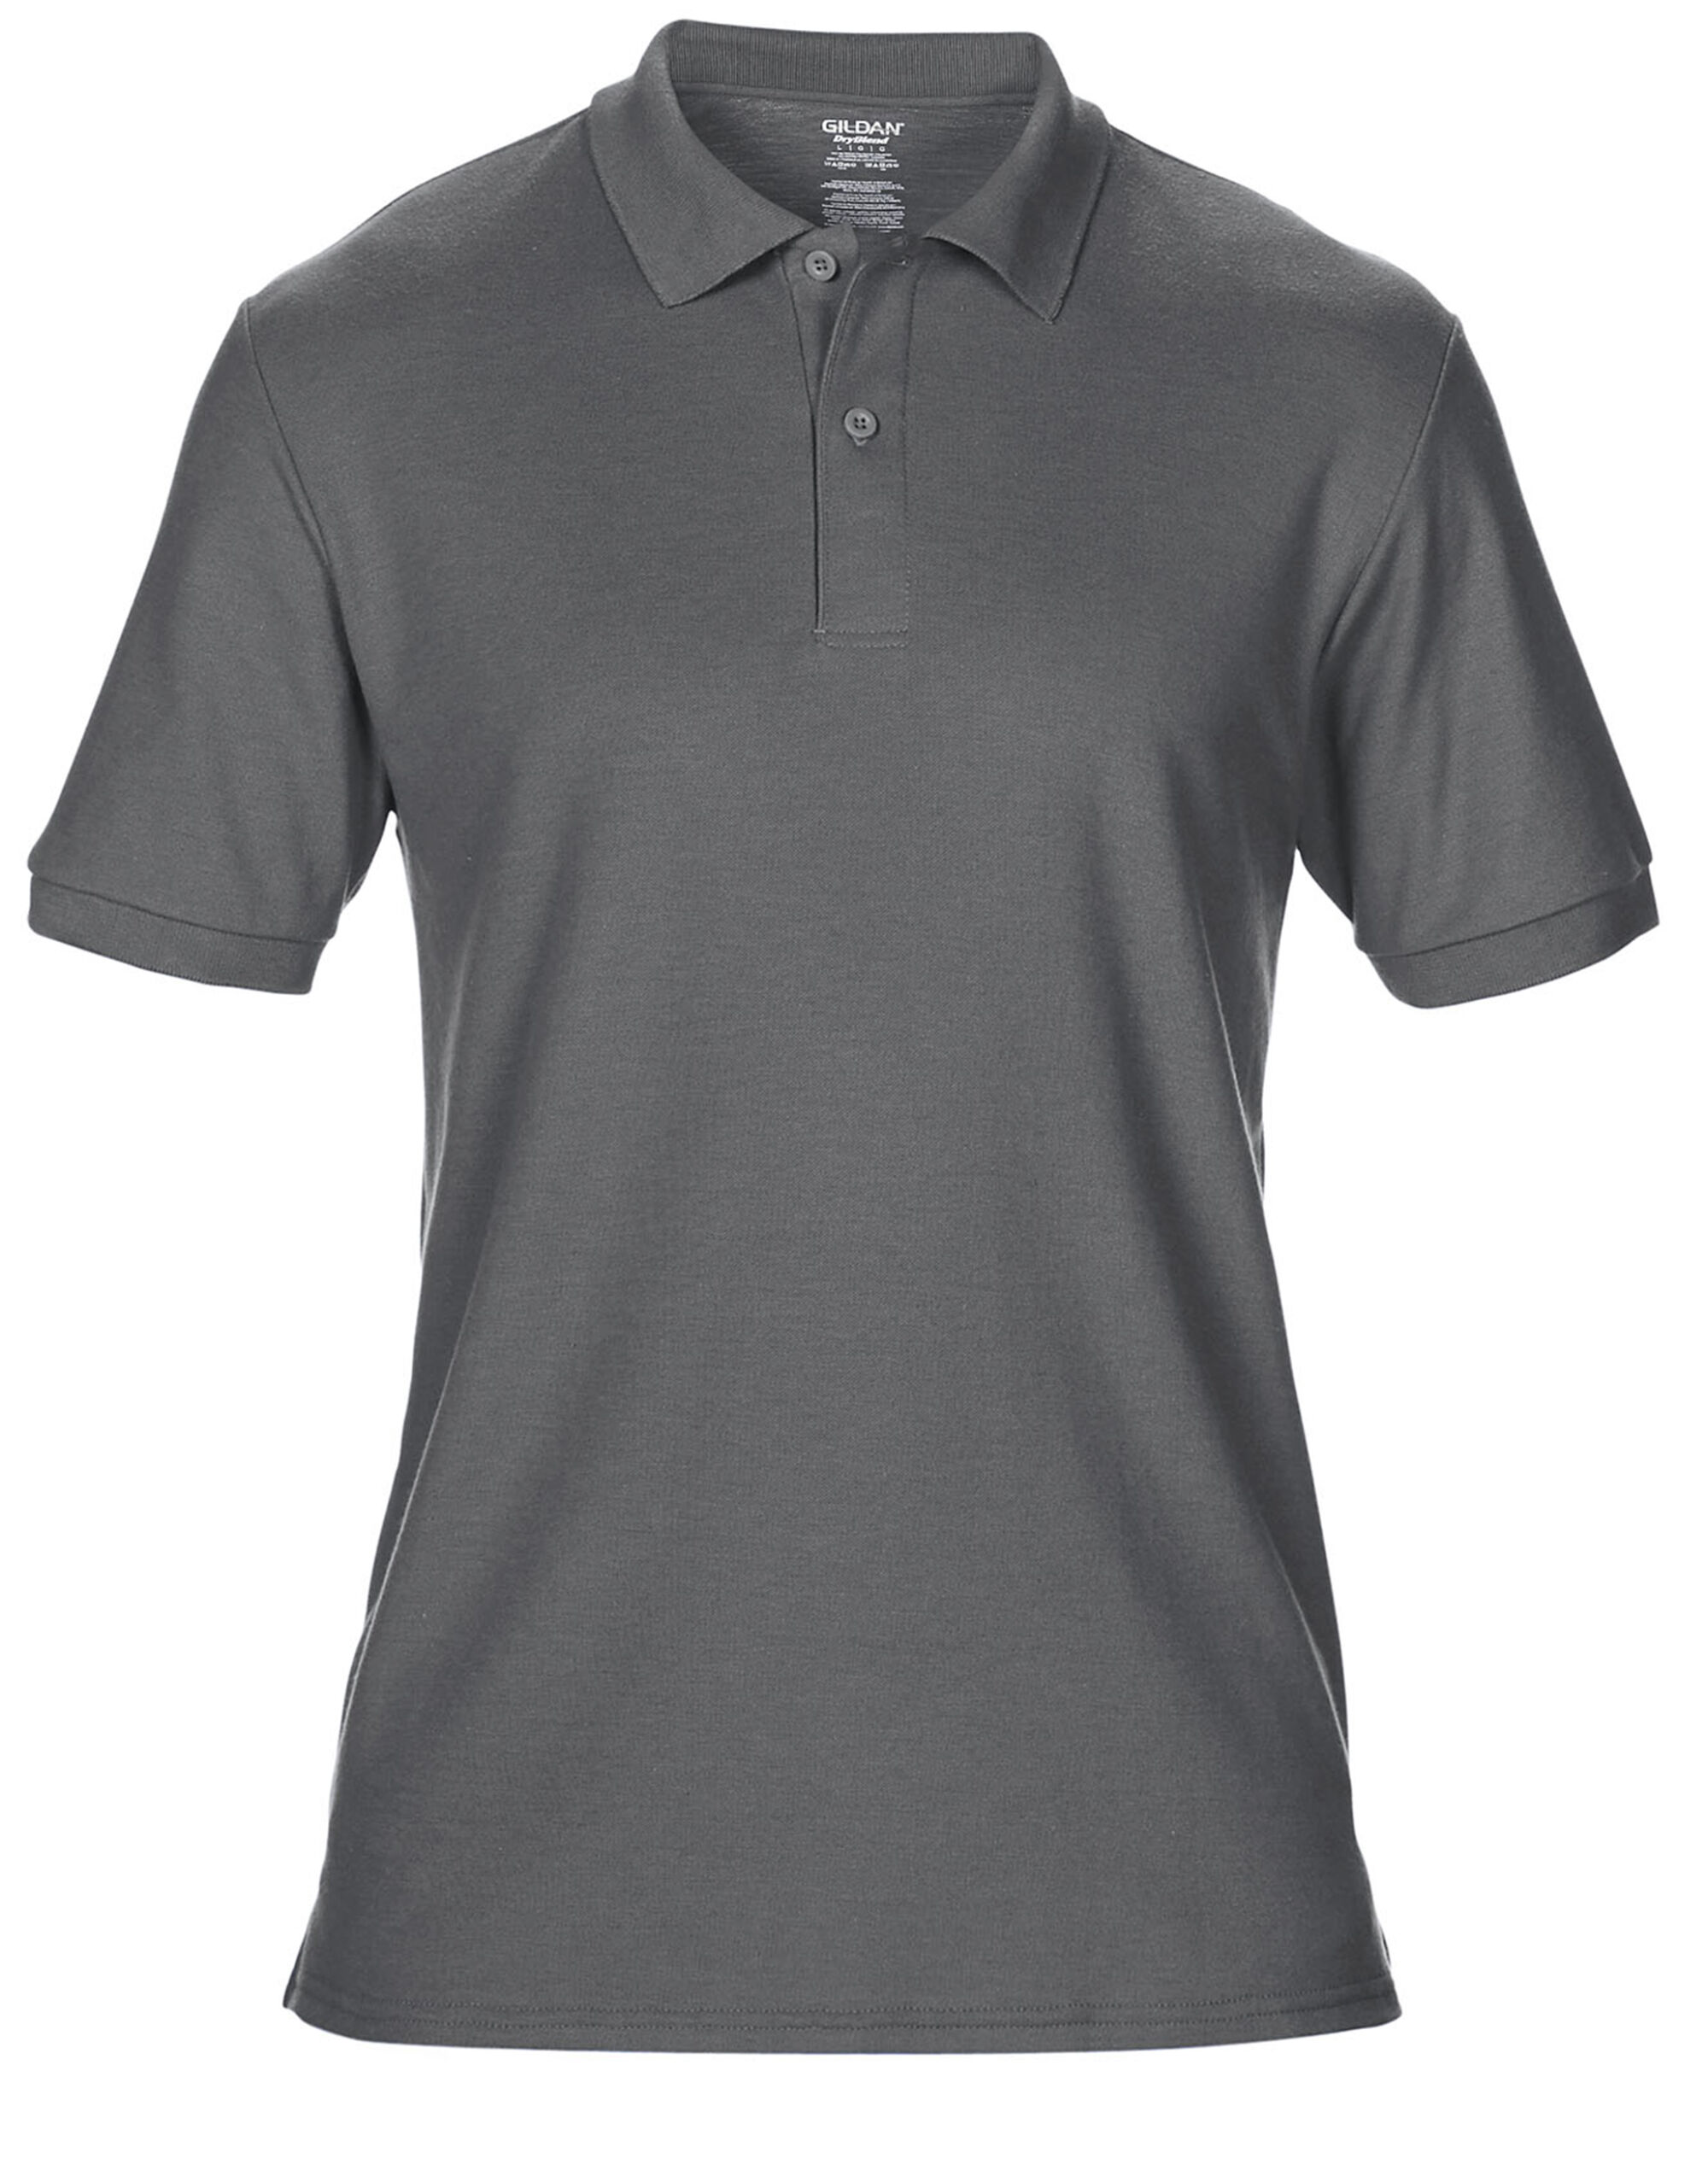 DryBlend Adult Sport Shirt